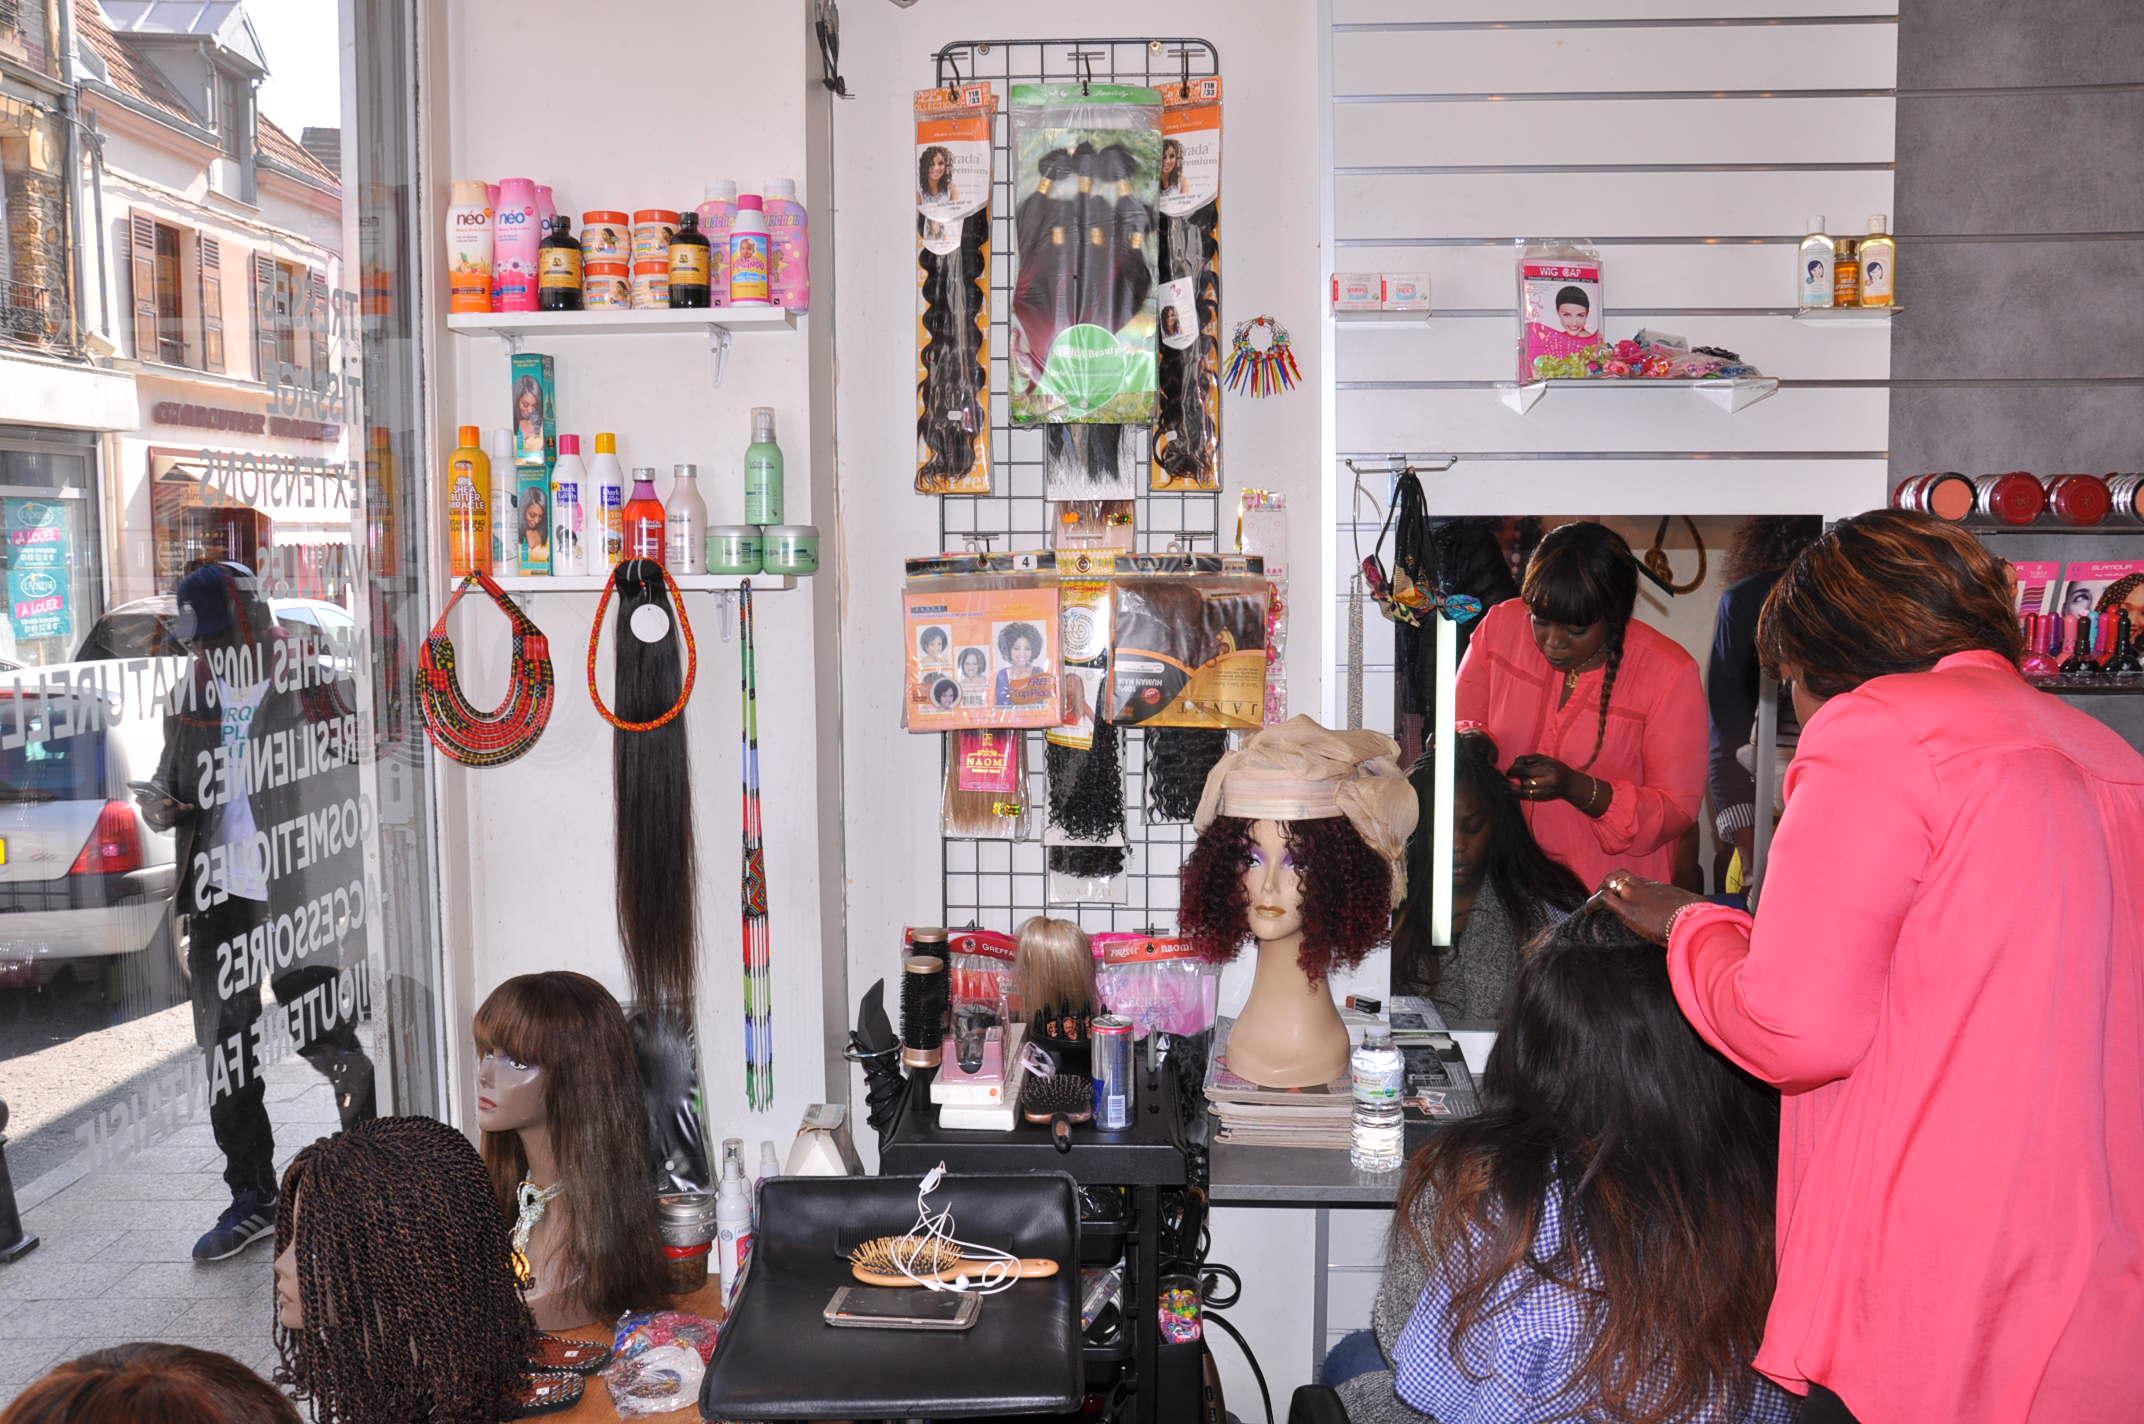 Fama tresse salon de beaute tressage afro antillais dans le fond de l 39 anniversaire de waly - Salon afro antillais paris ...